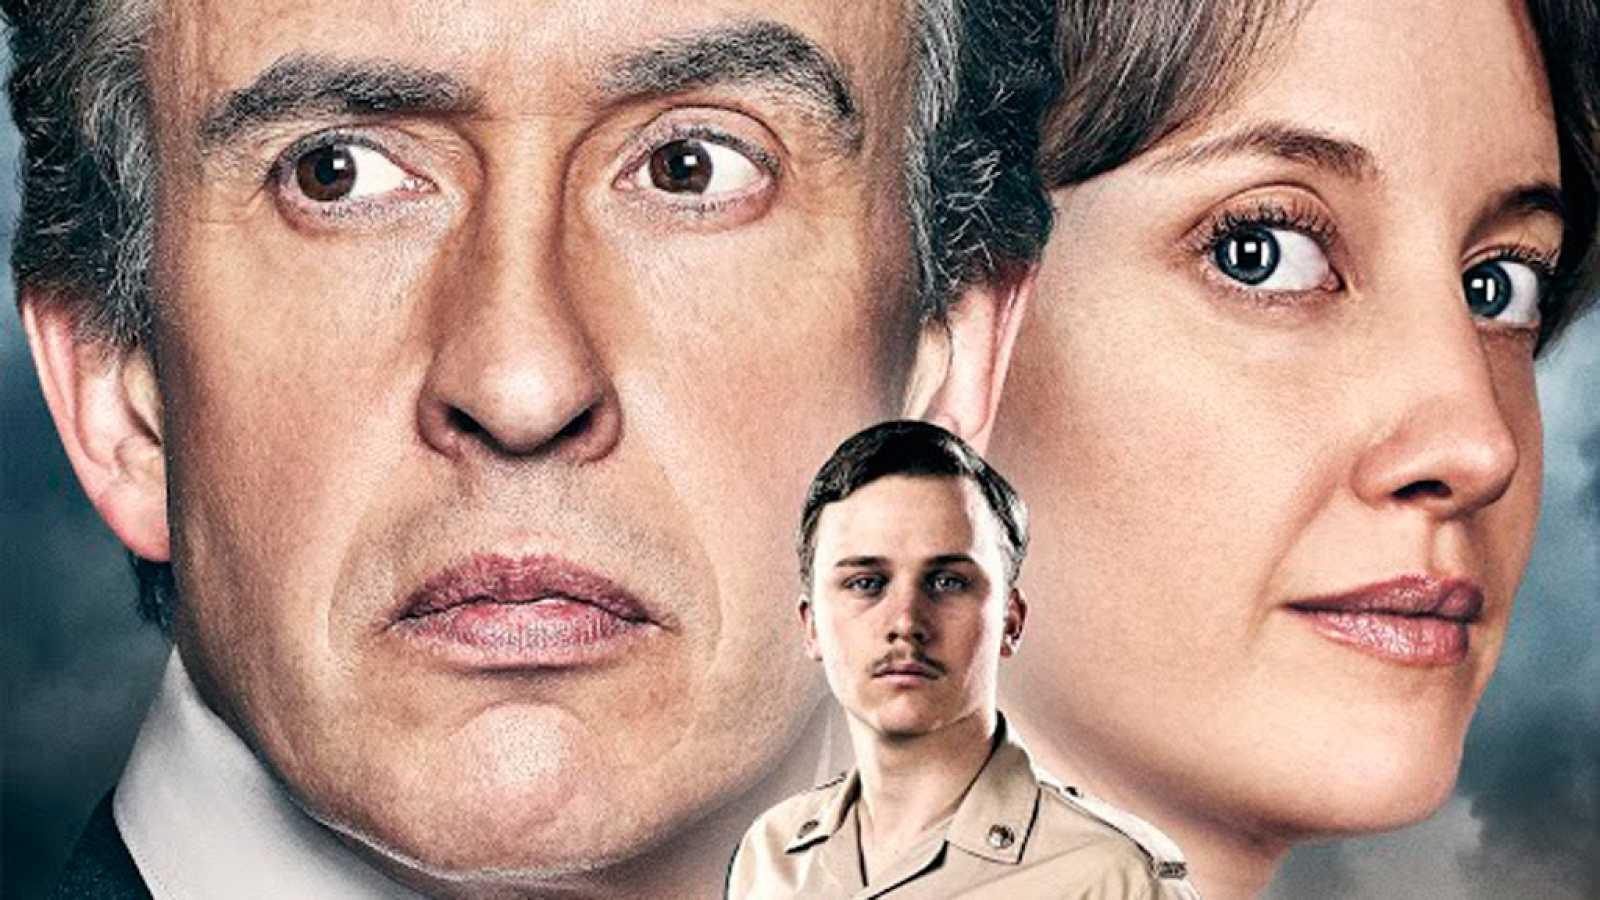 'Guardían y verdugo', una apasionante crítica de la pena de muerte, este martes en 'Zona Indie', en La 2 de TVE